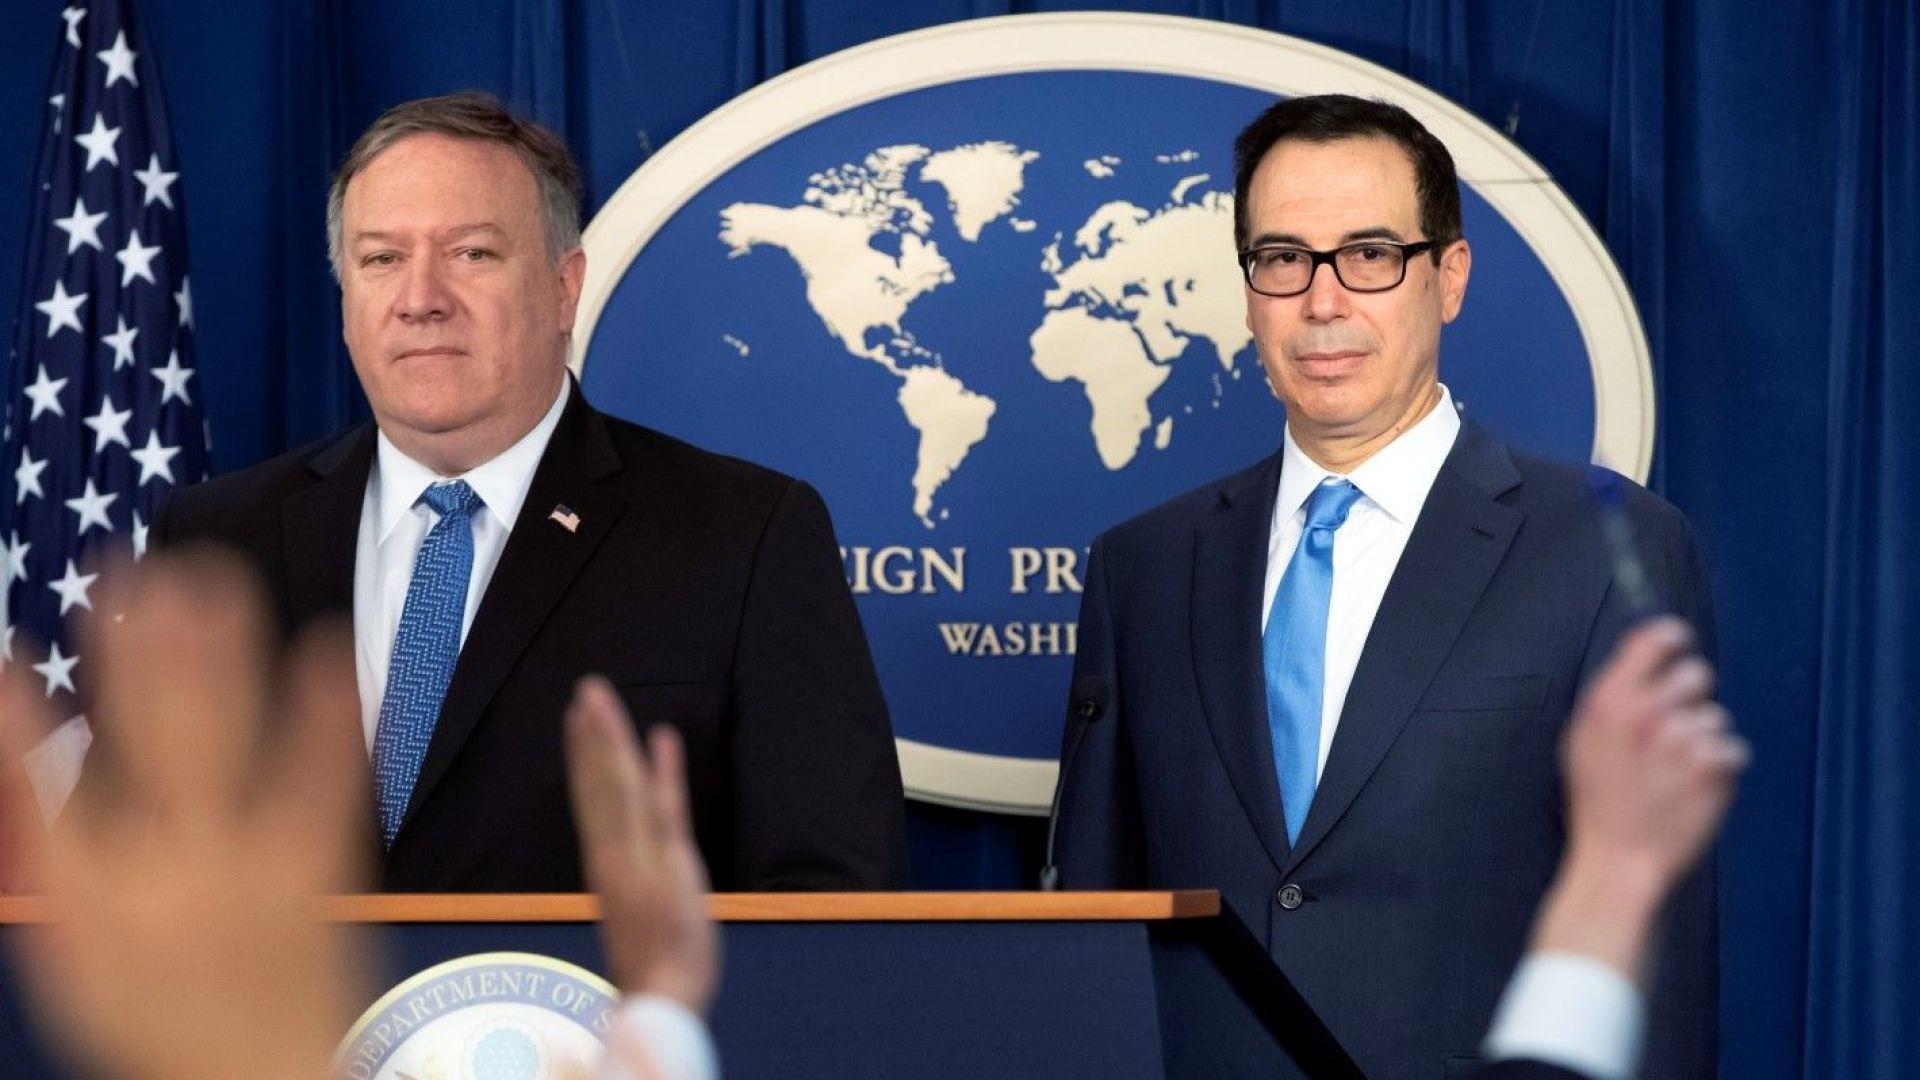 САЩ извадиха 8 страни от санкциите против Иран